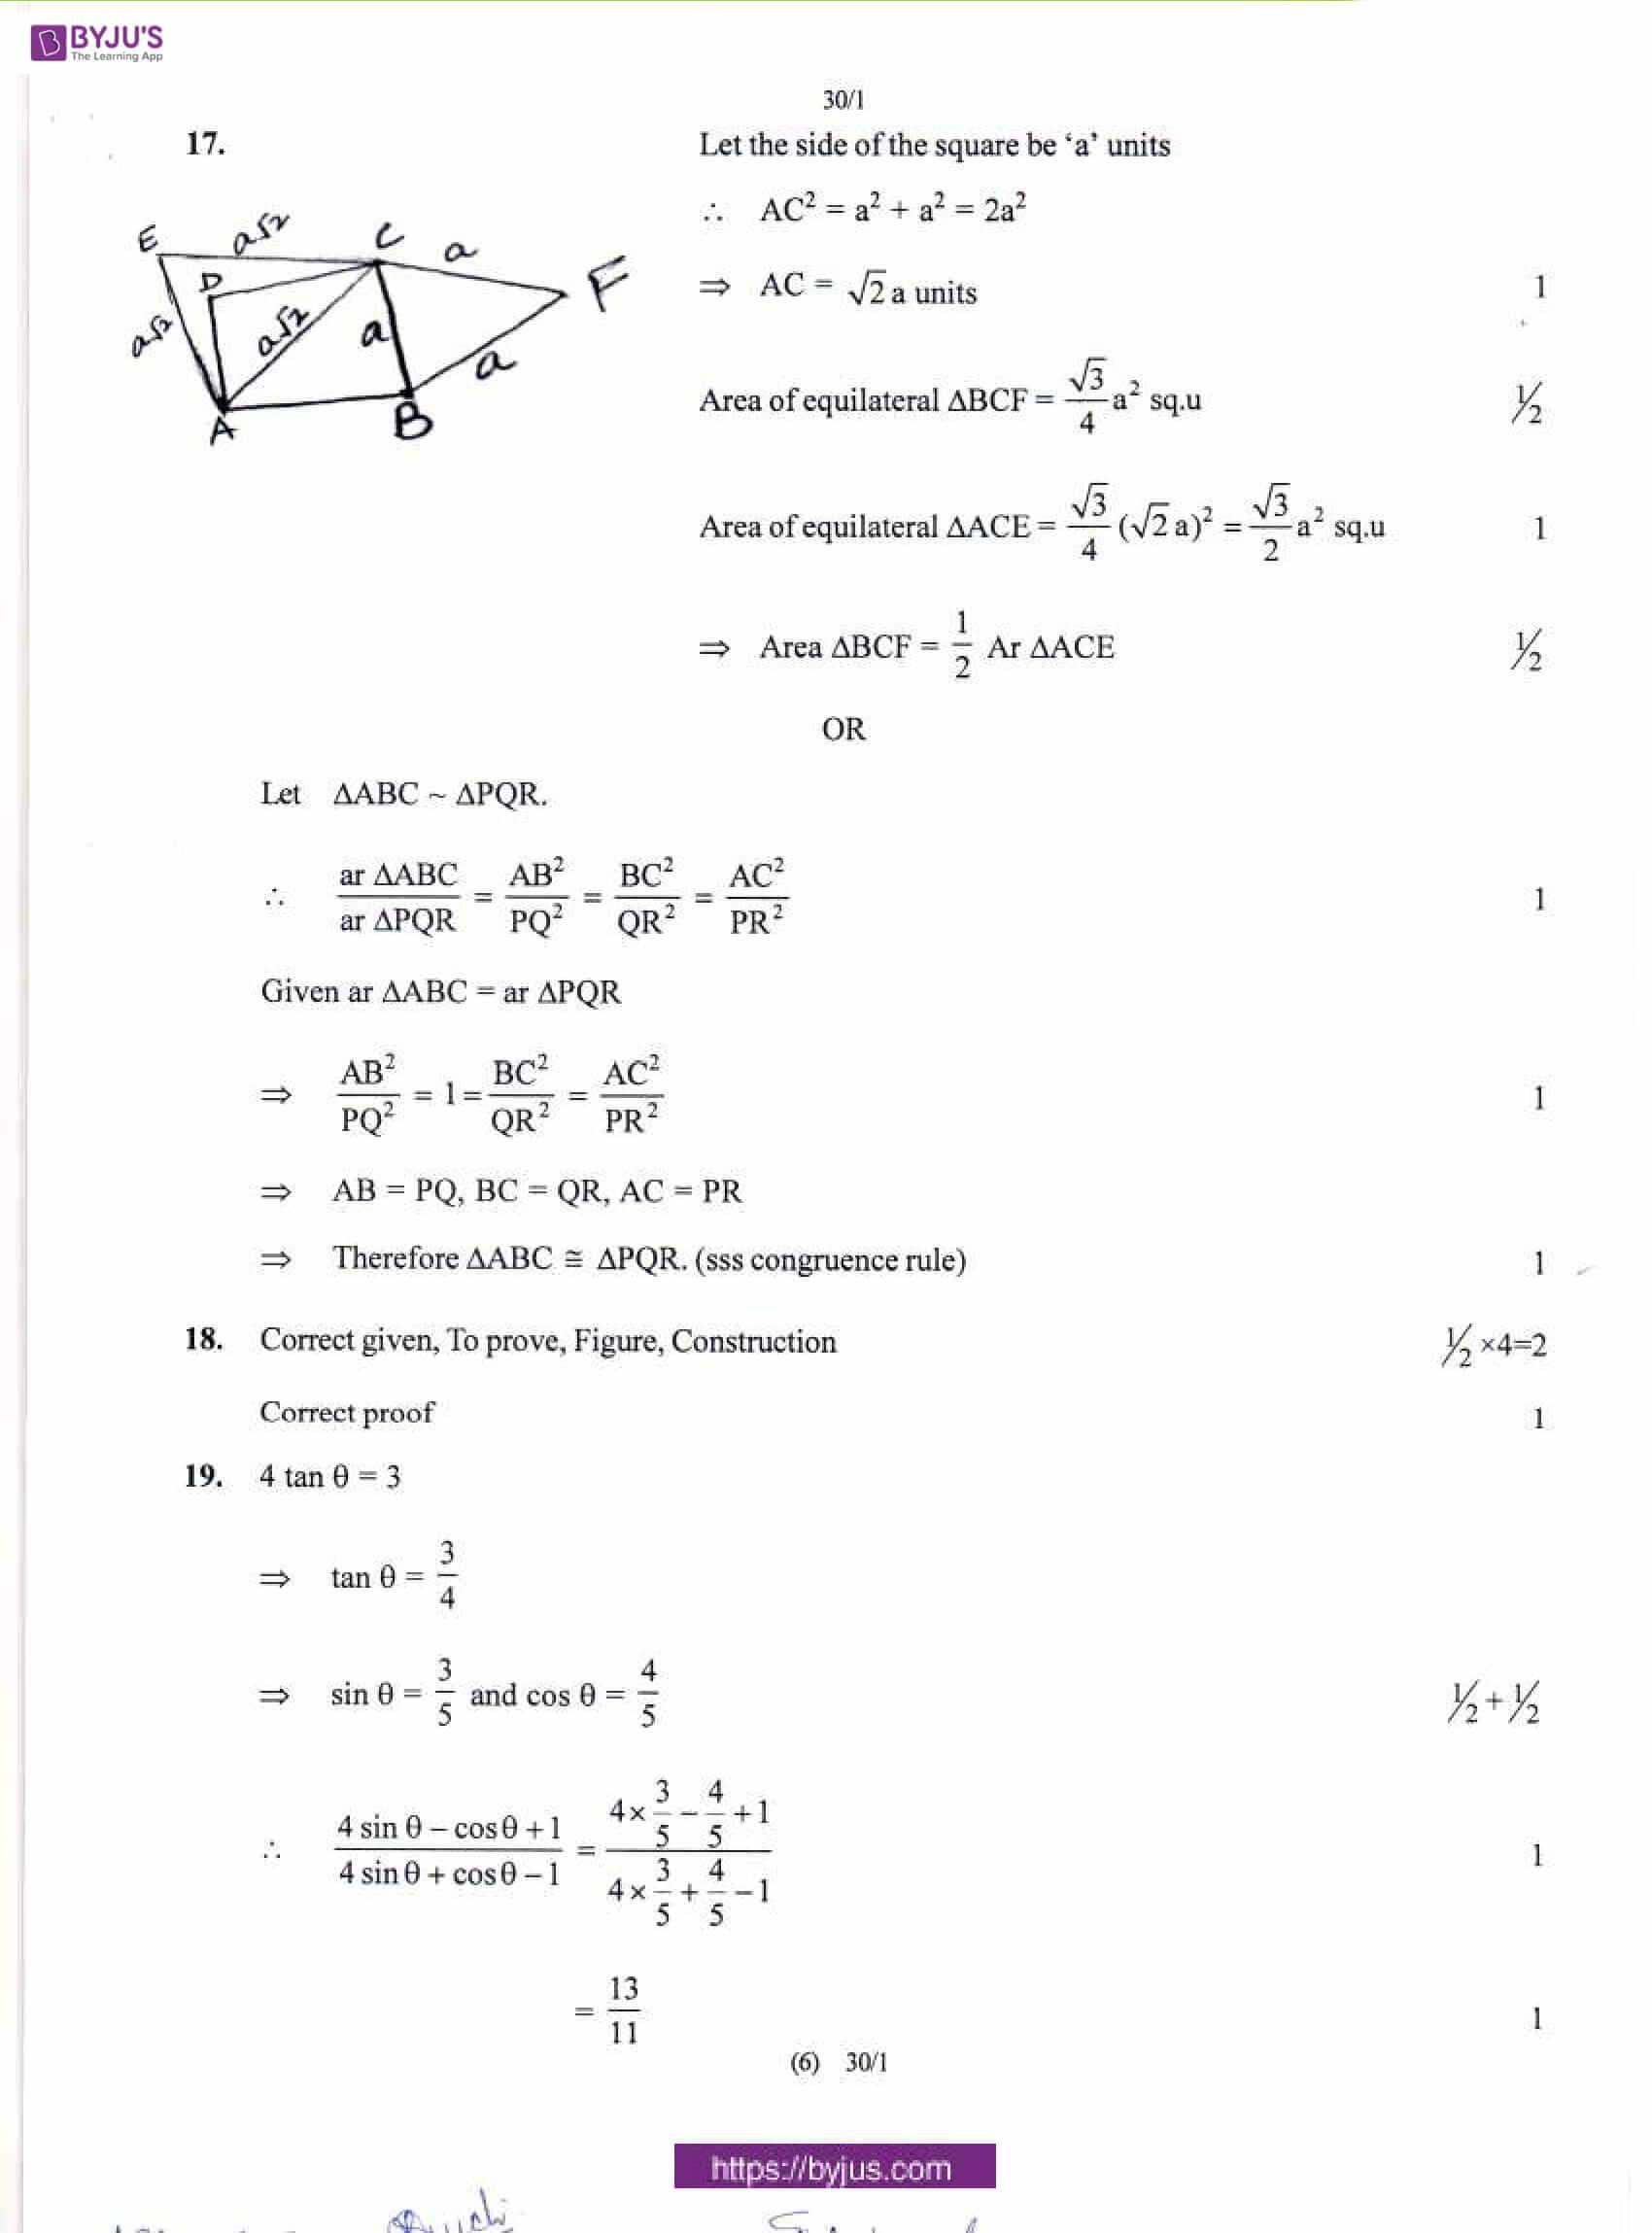 CBSE Class 10 Maths Solution PDF 2018 Set 1 05